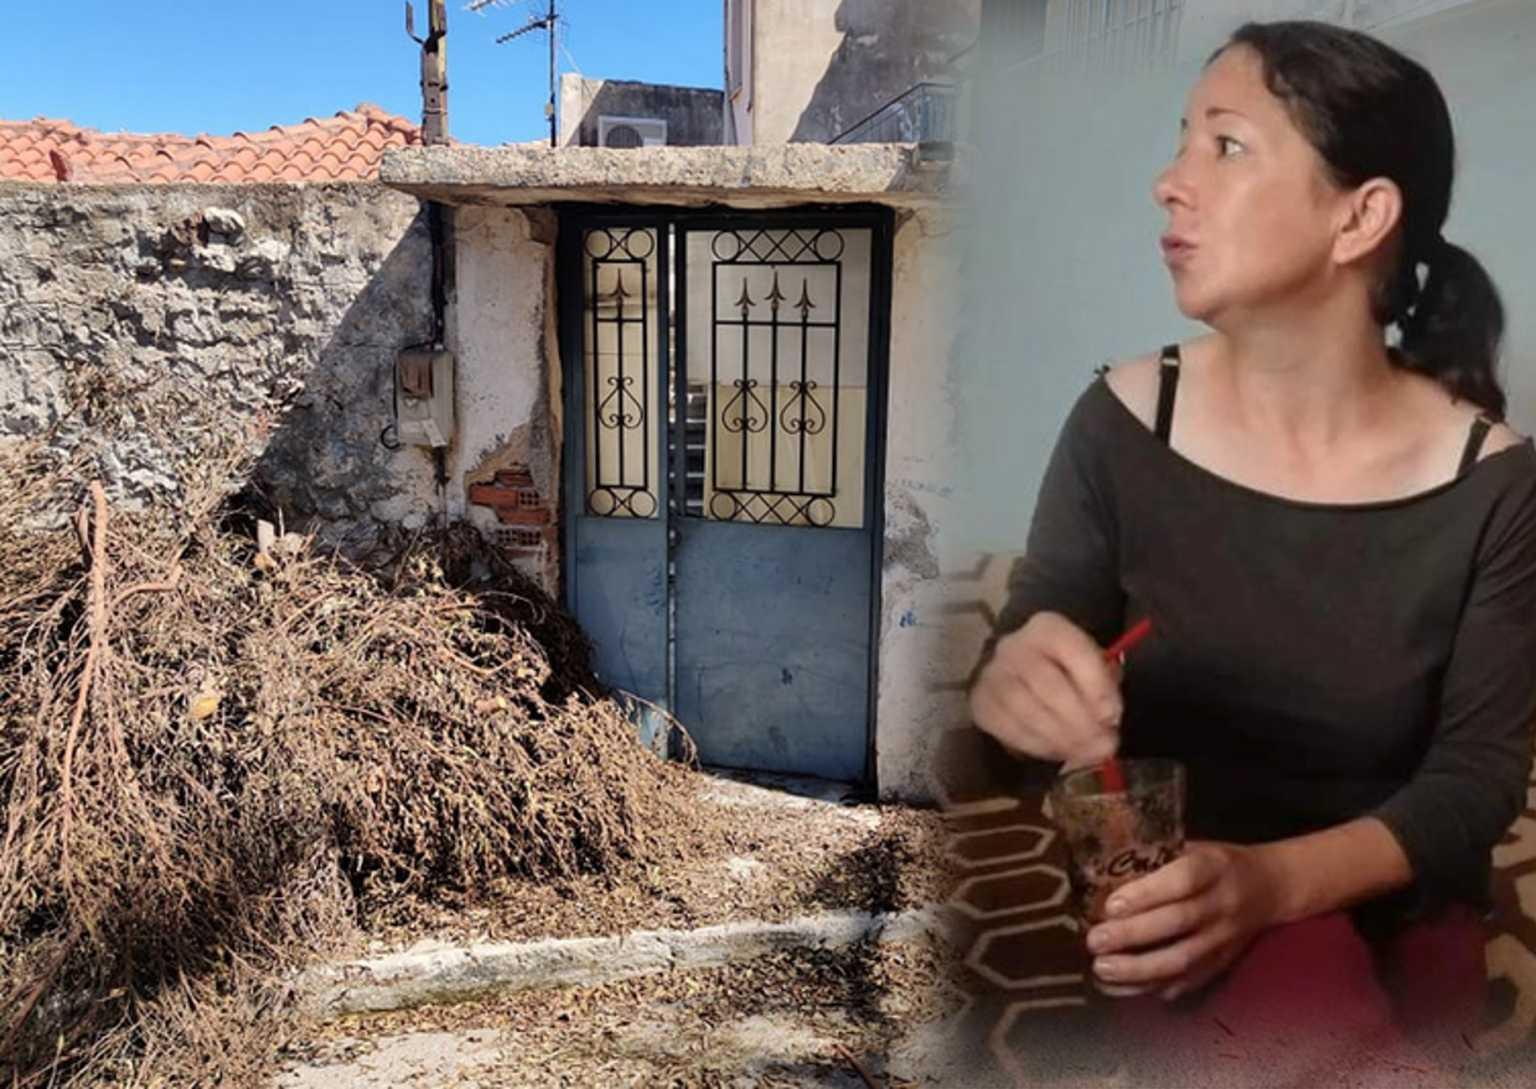 Κυπαρισσία: Νουλέζας για το έγκλημα με την «τσιμεντωμένη» μητέρα – «Άδικο αυτό που συμβαίνει»